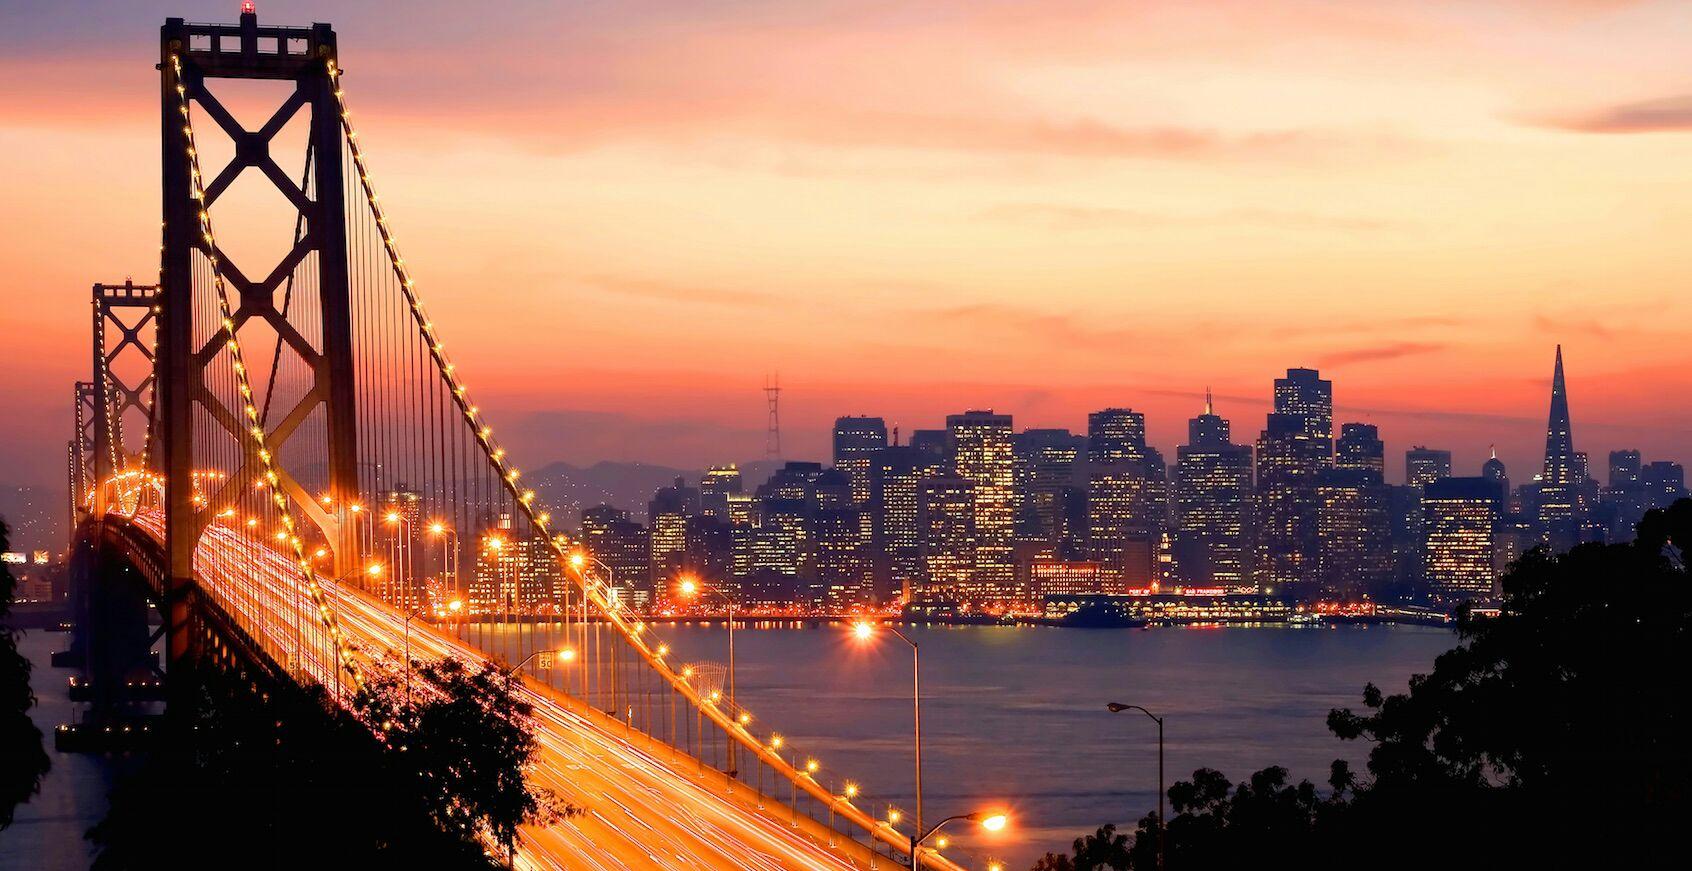 (April-mei) Retourvlucht van Düsseldorf naar San Francisco voor 354 euro (incl ruimbagage)